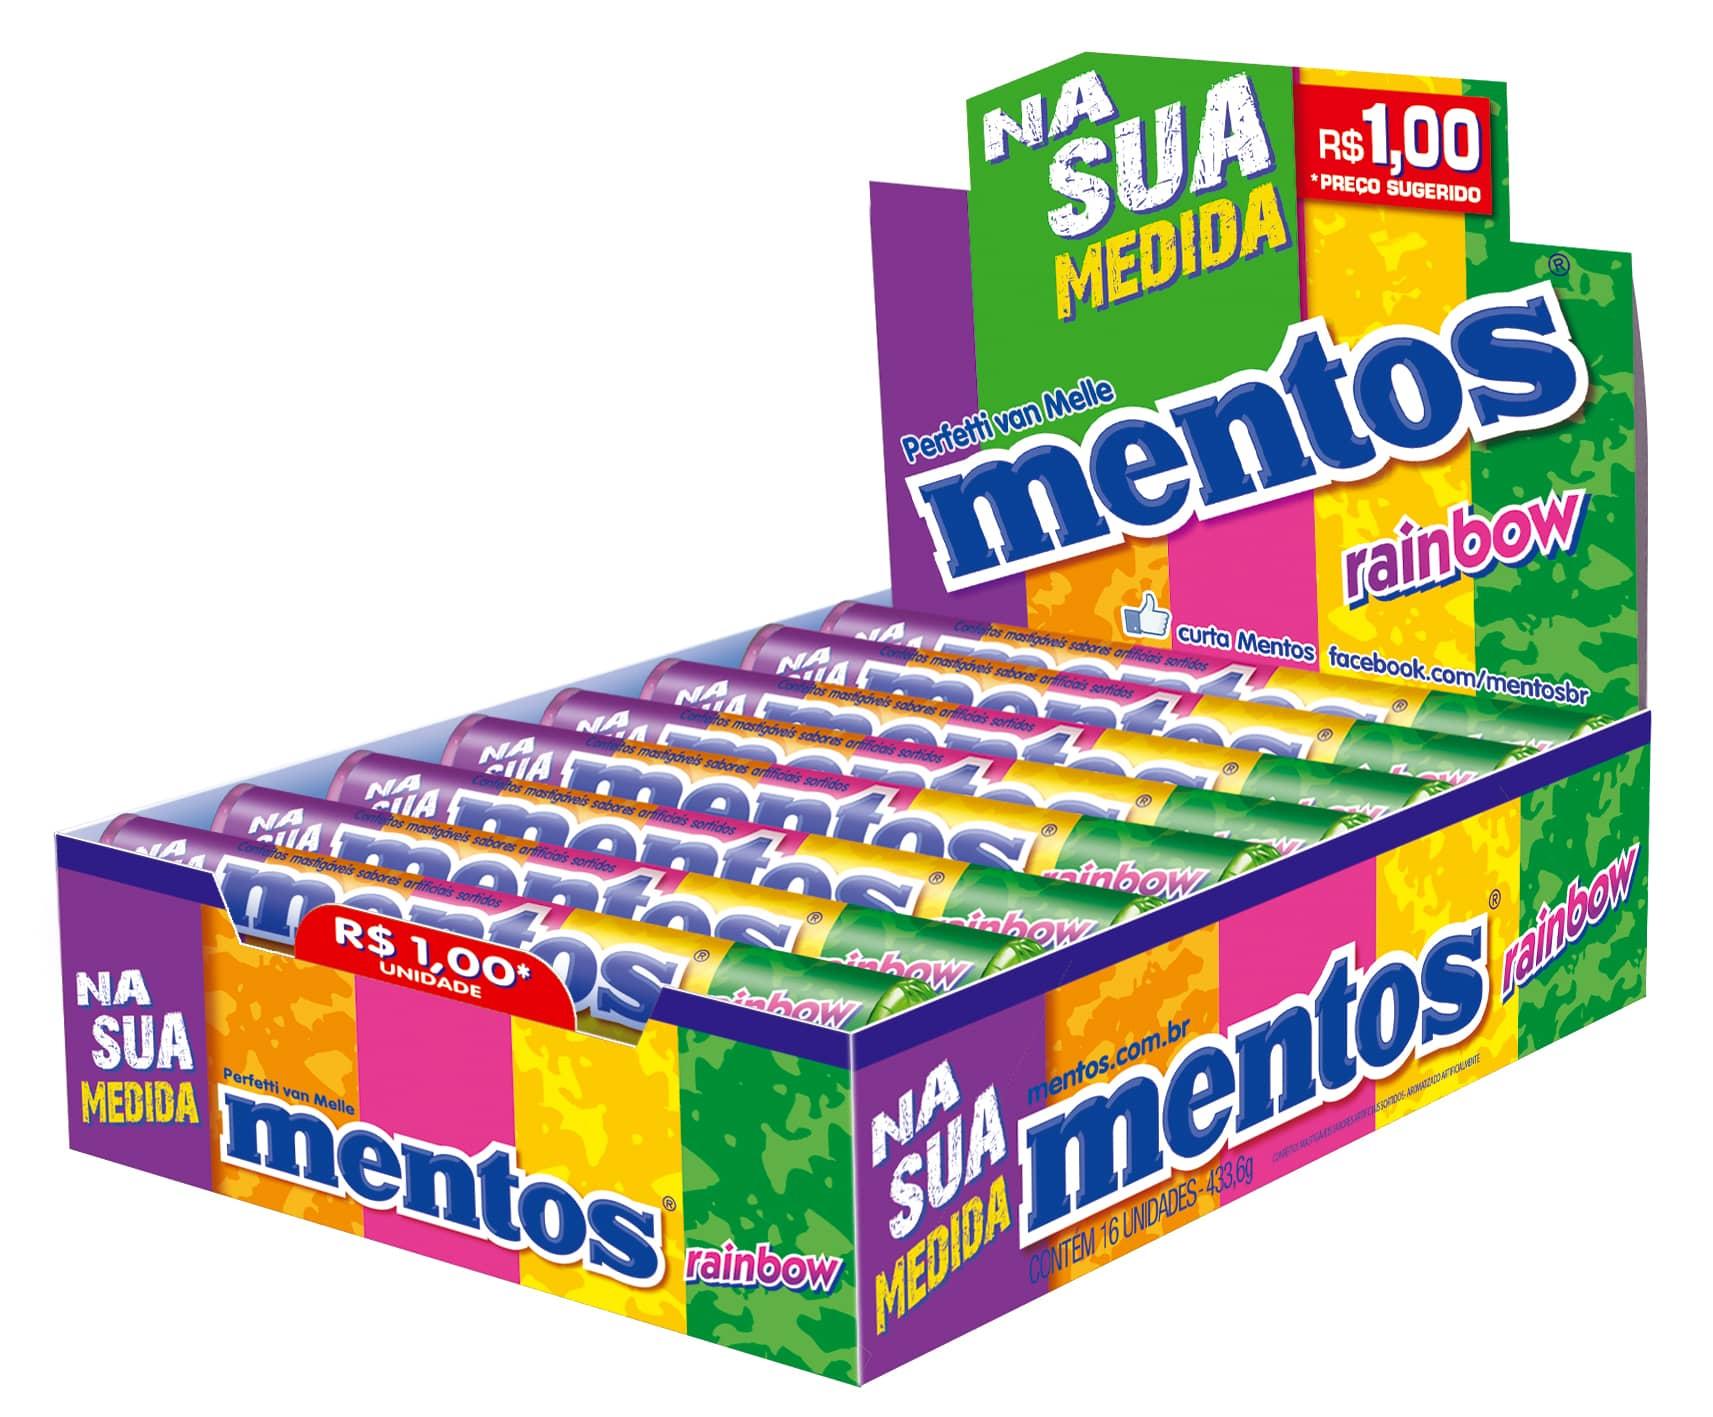 Mentos-Na-Sua-Medida-Display-rainbow